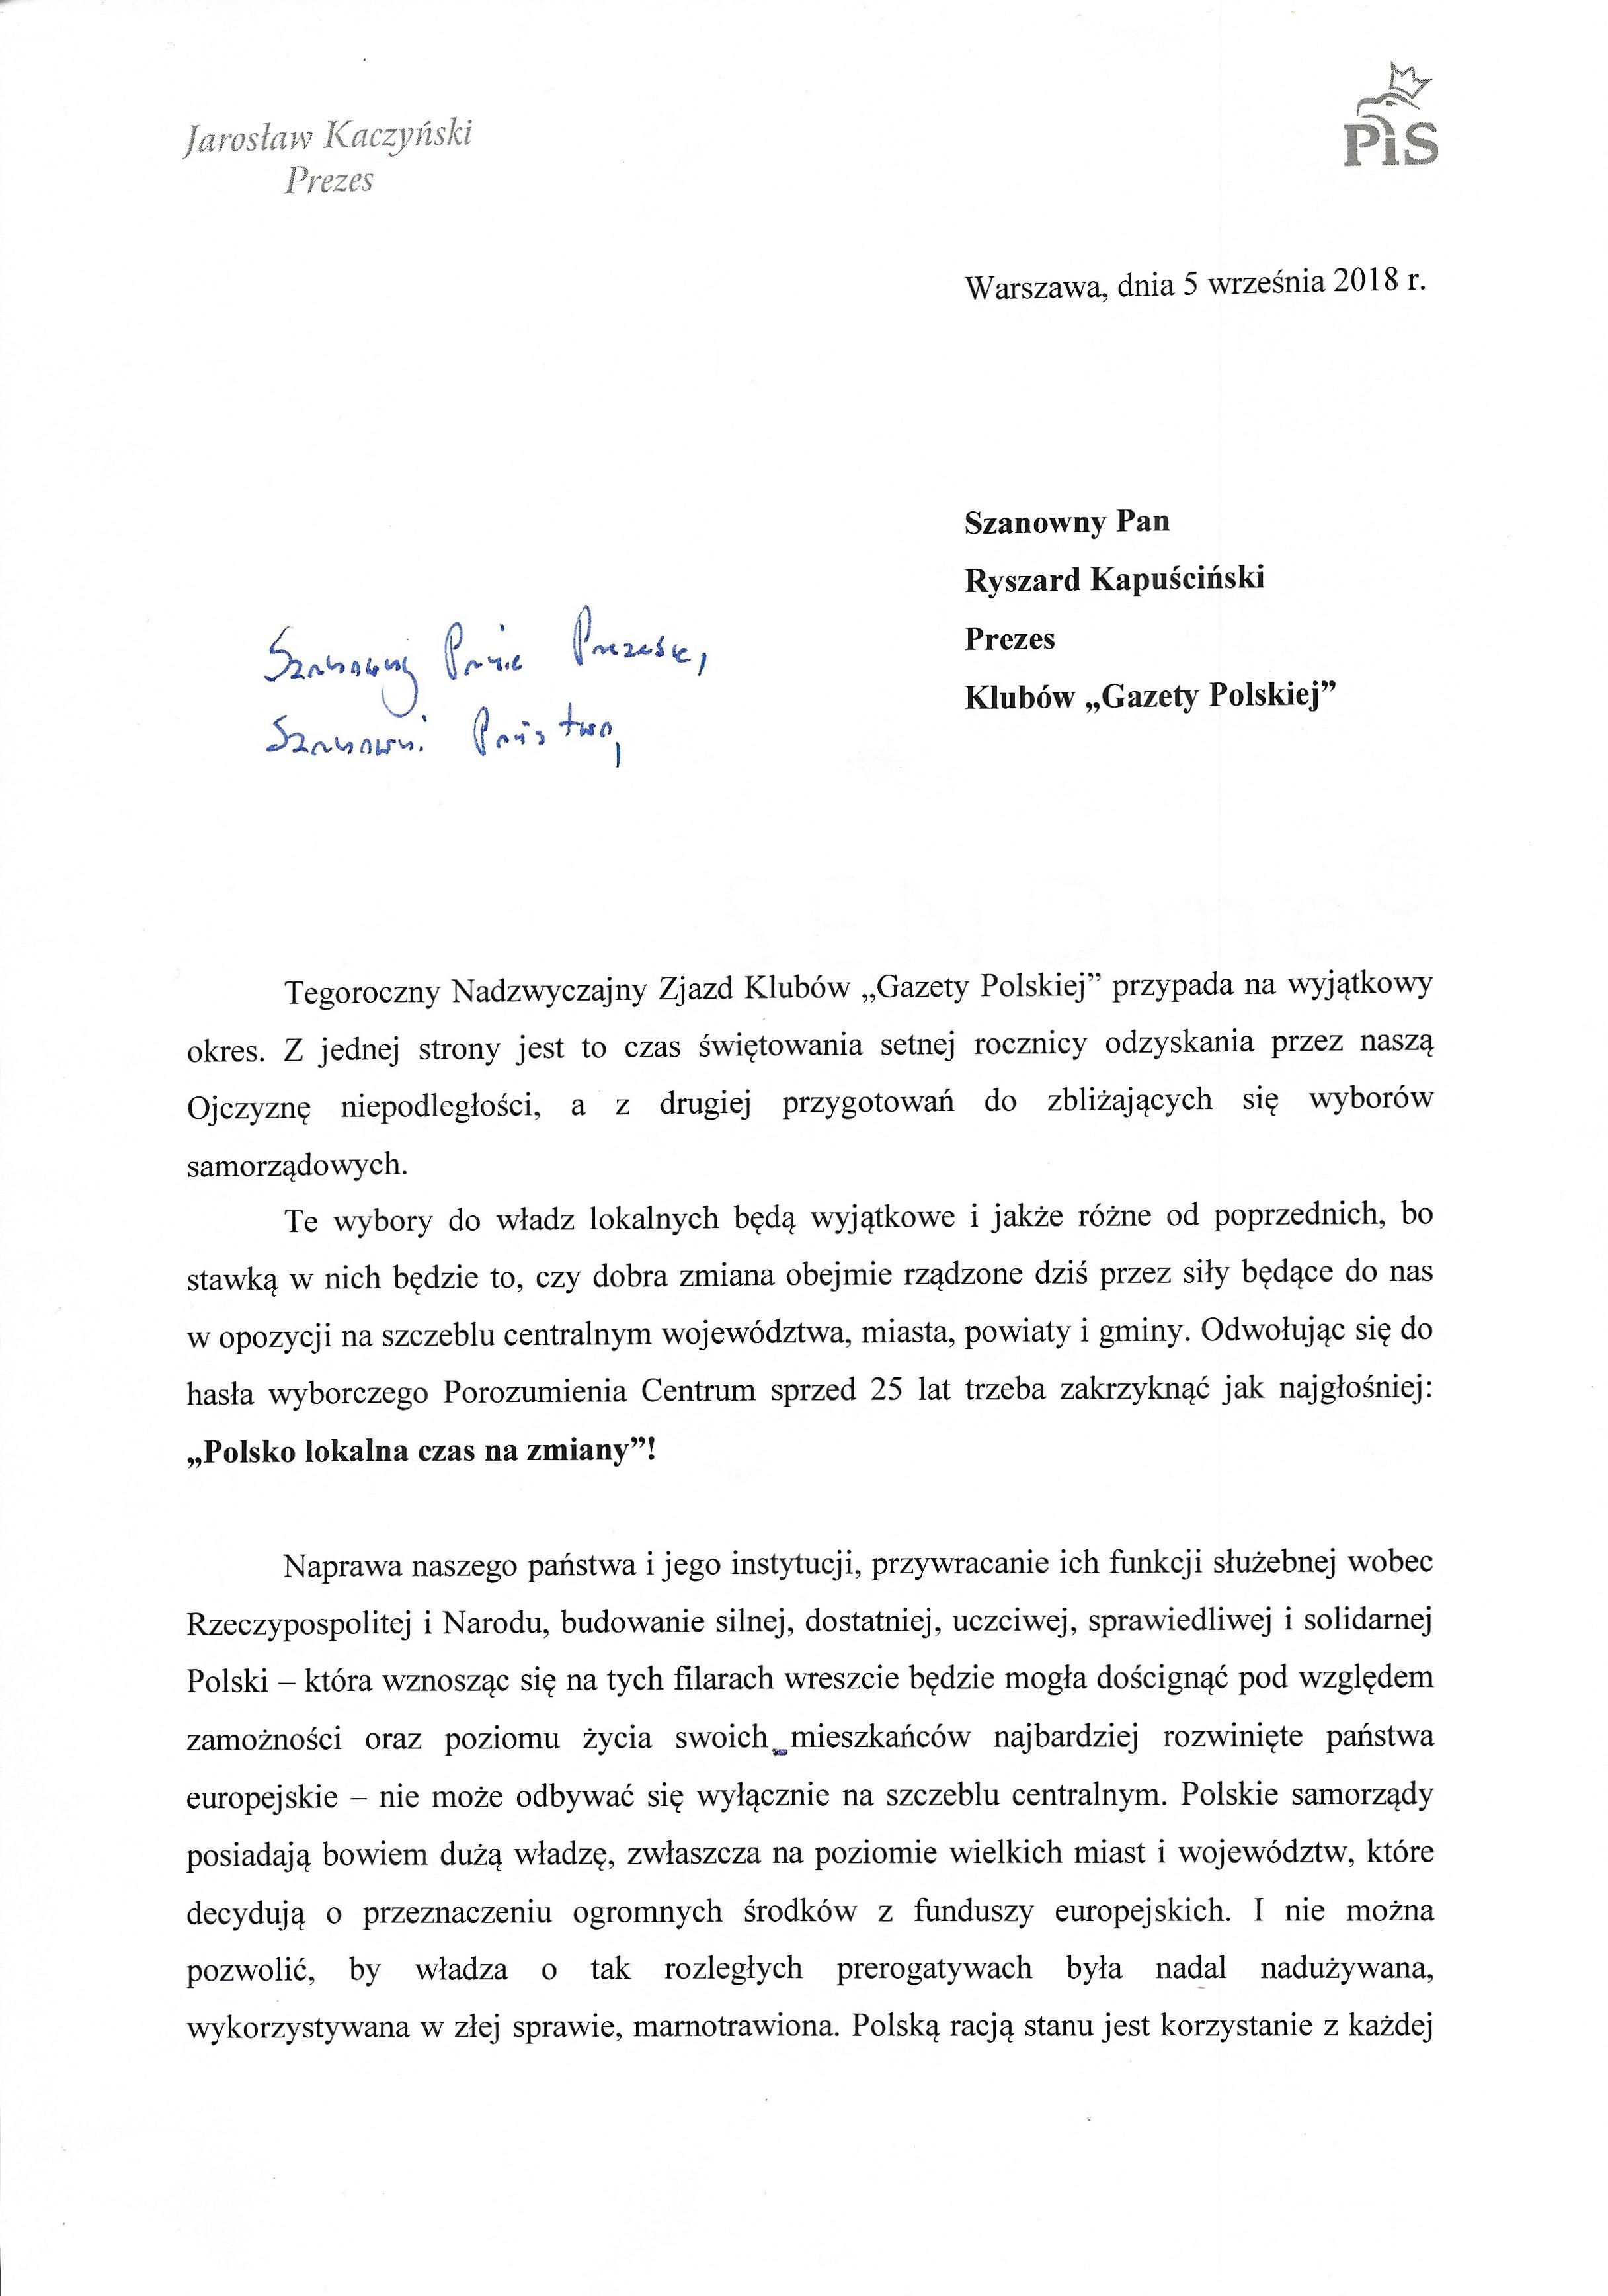 List J. Kaczynskiego 2018